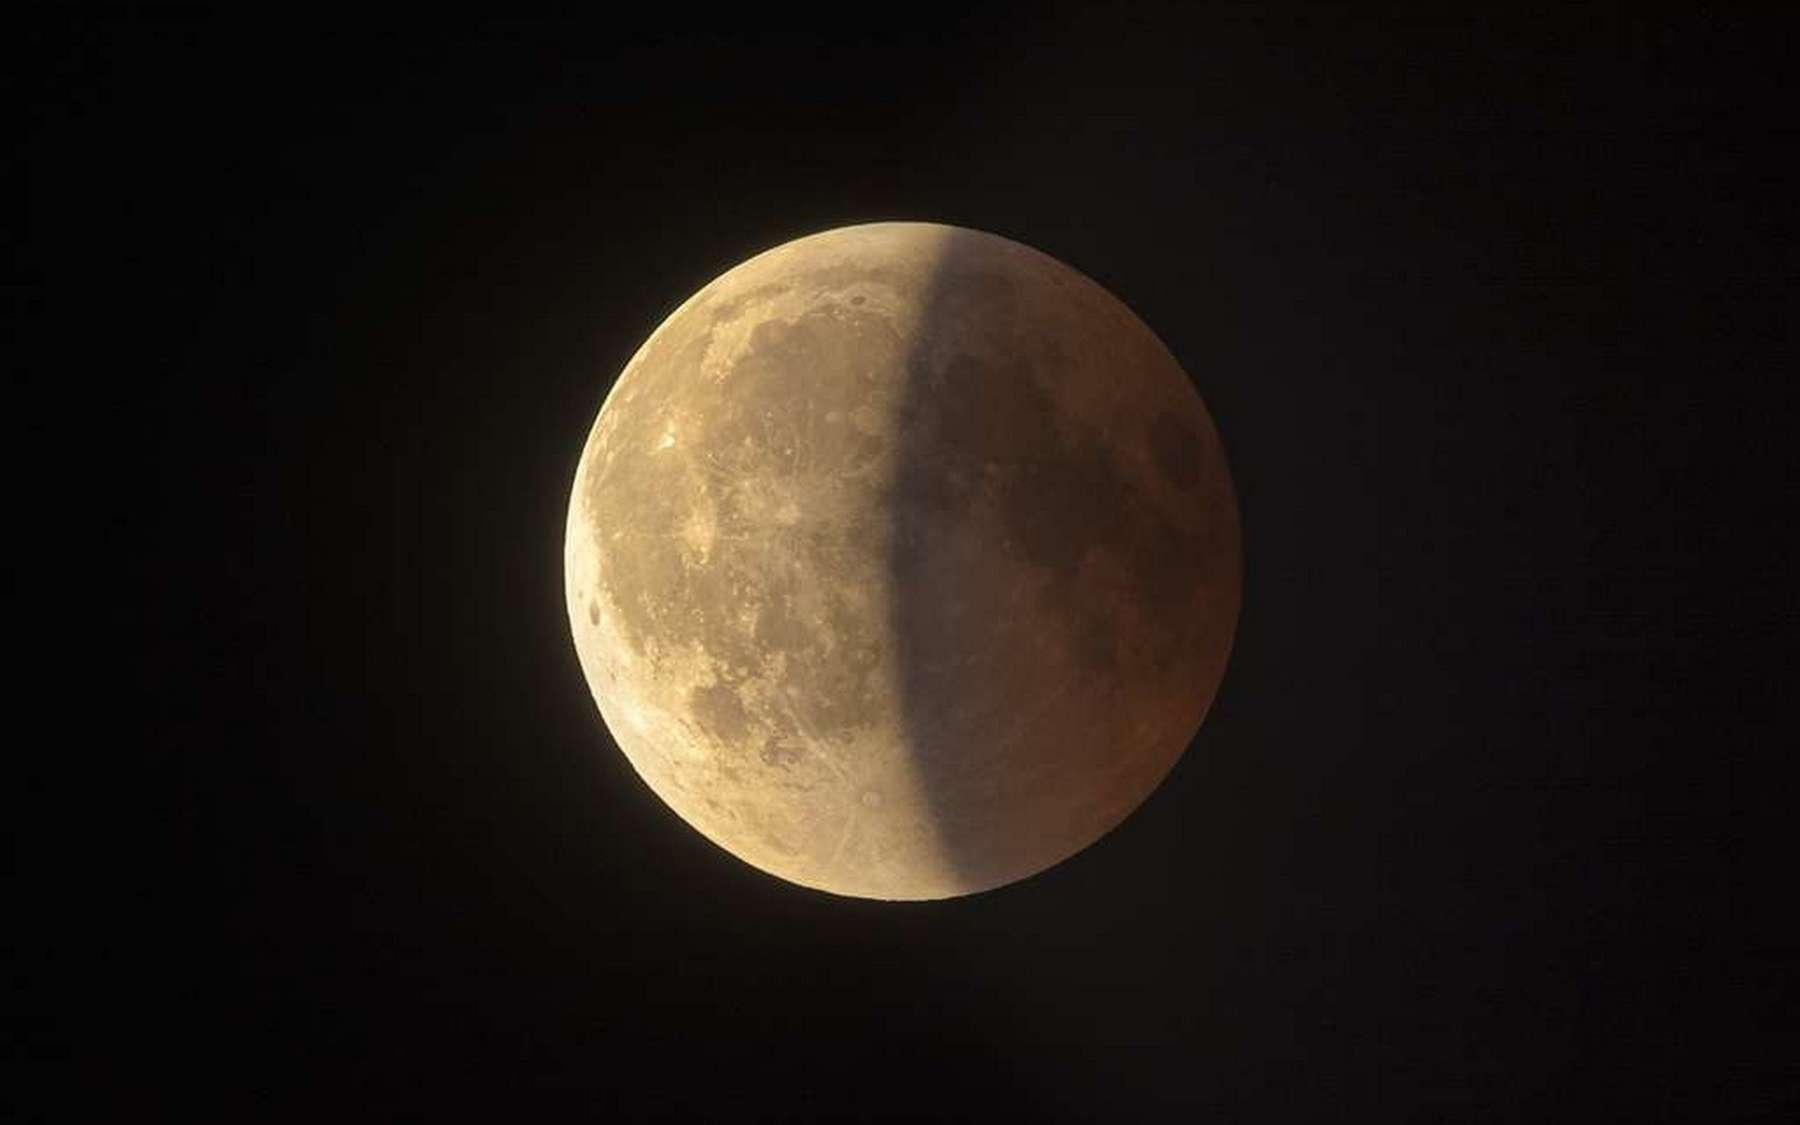 La fin de l'éclipse de Lune du 27 juillet 2018, photographiée à Colli di San Fermo, au nord de l'Italie. © Antonio Finazzi, Spaceweather